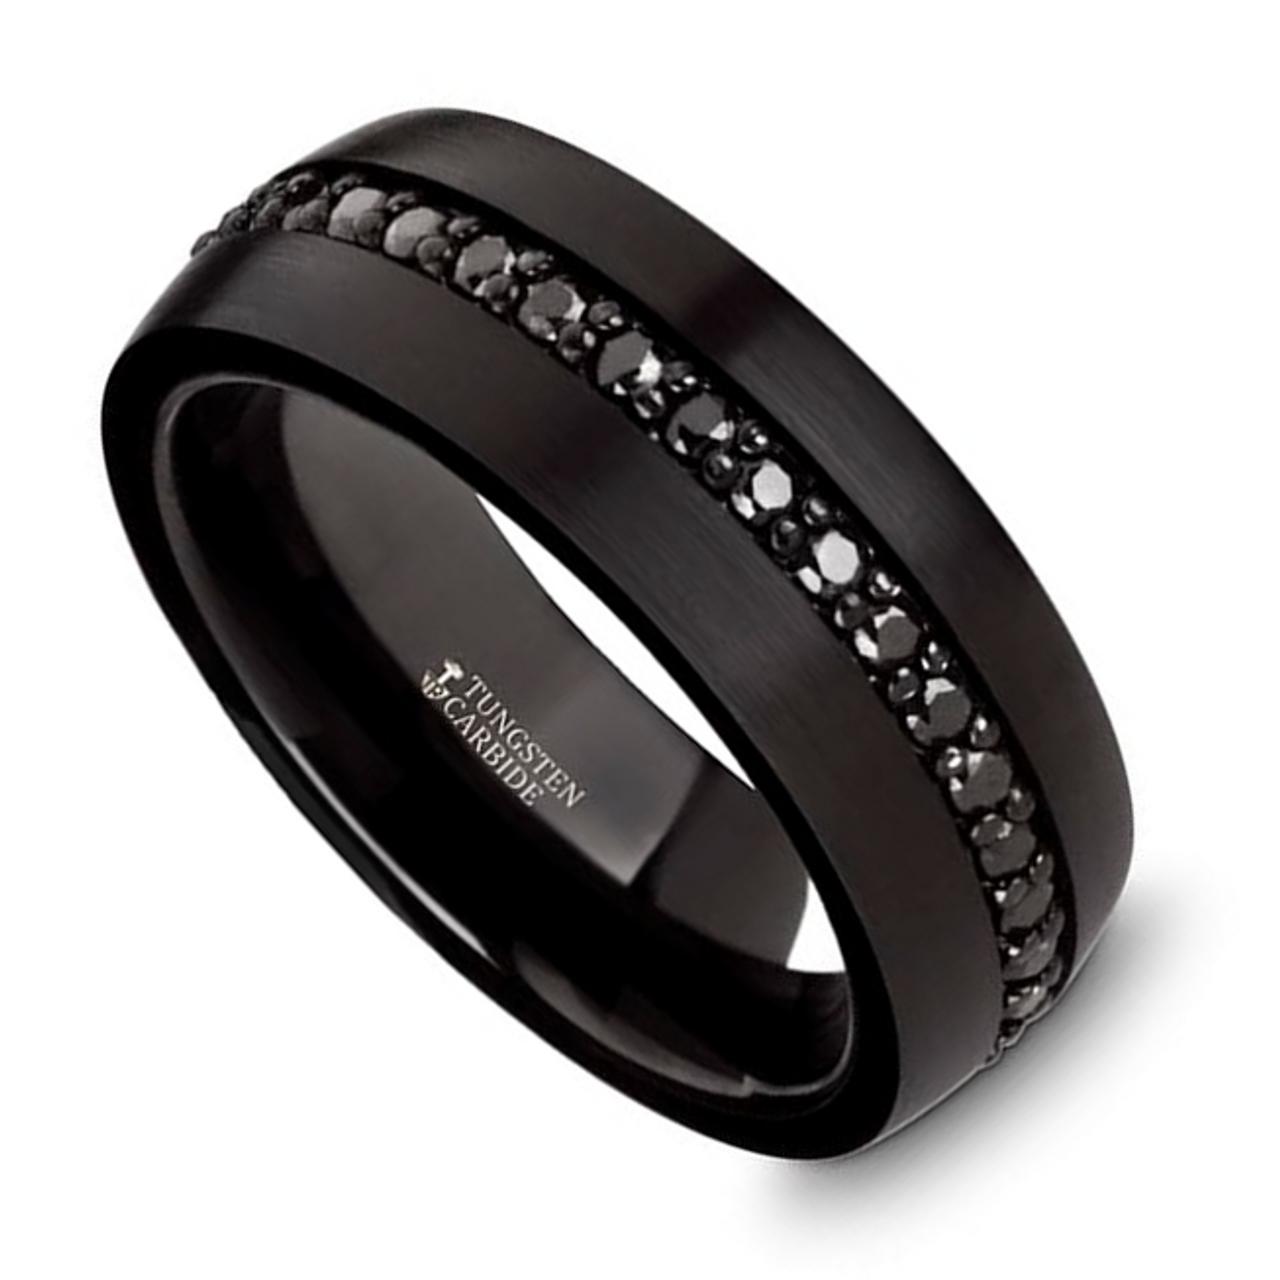 Ernst Black Tungsten Carbide Mens Wedding Band With Black Sapphires